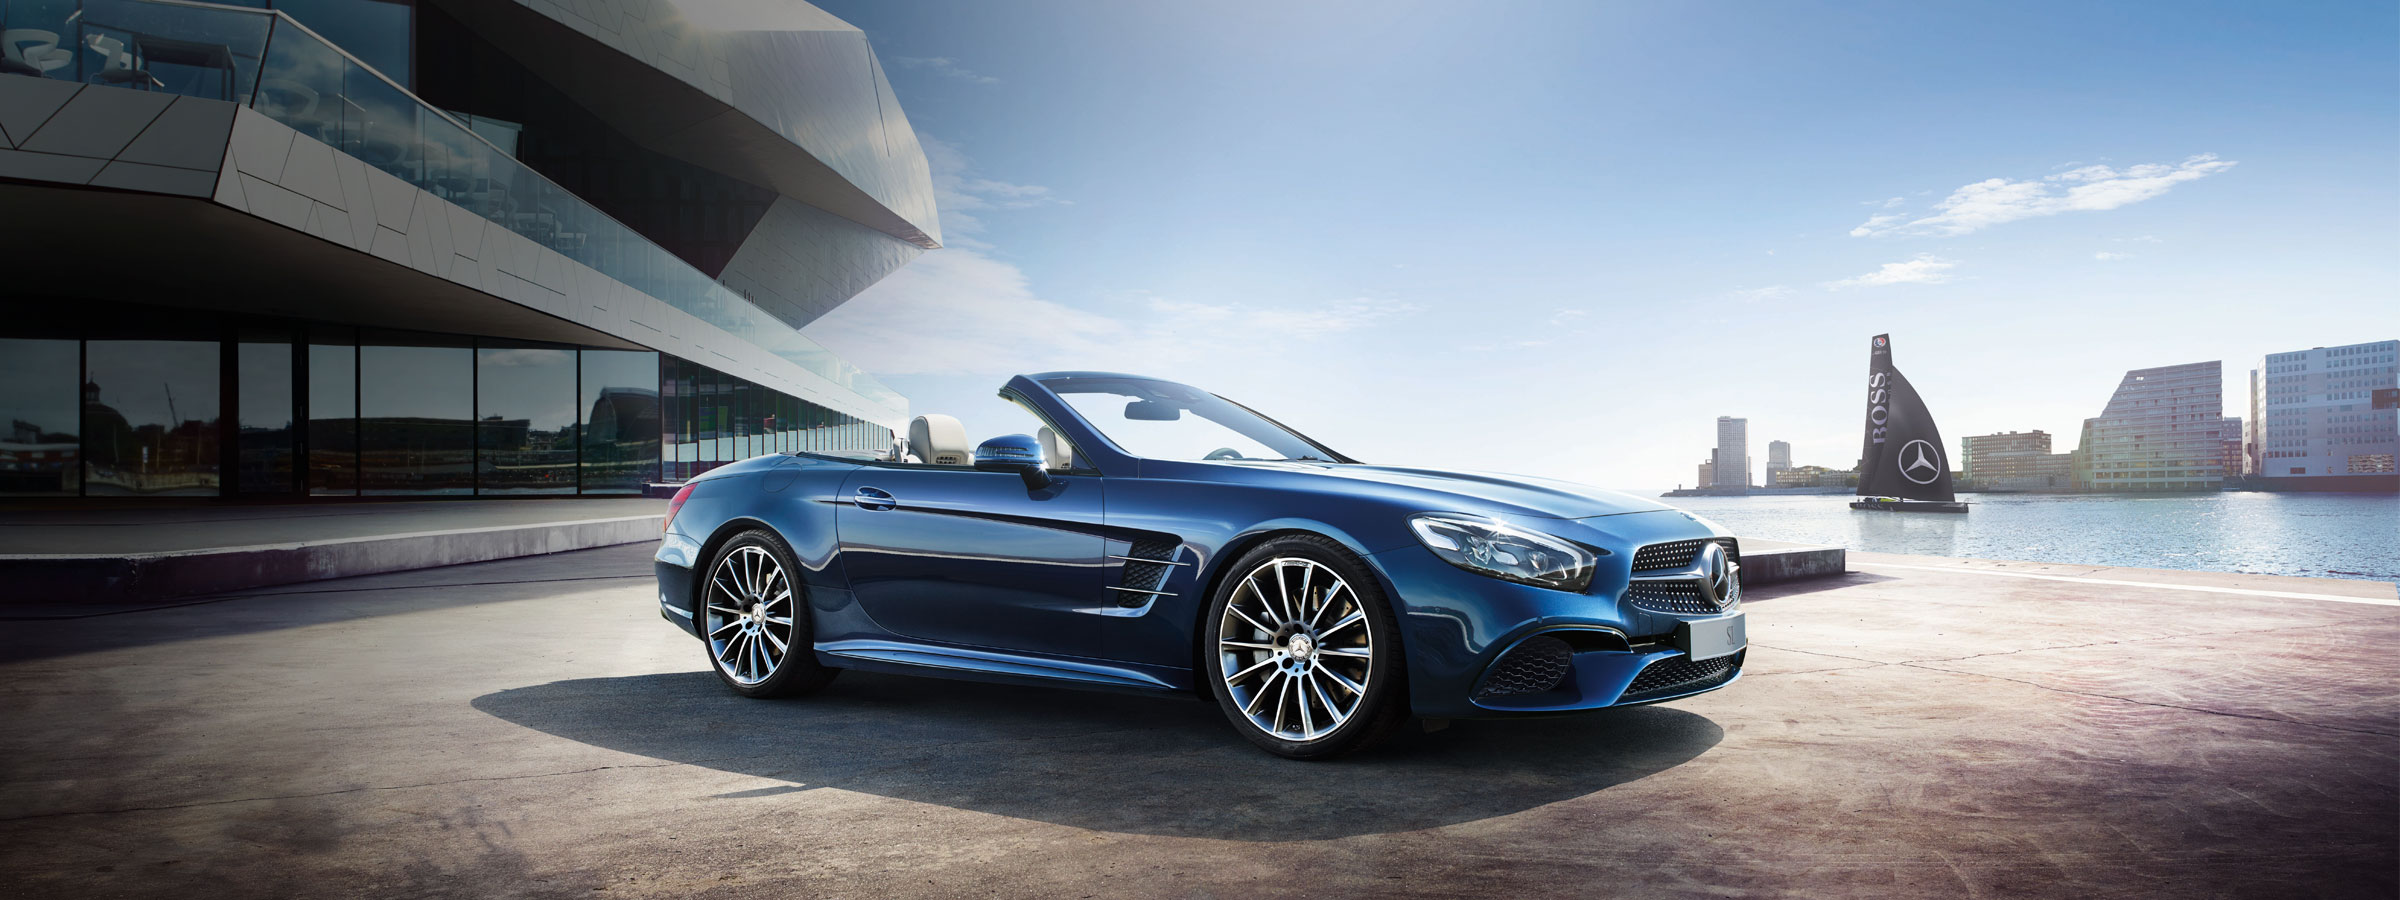 Habrá un nuevo Mercedes SL... y será mucho más deportivo que el actual